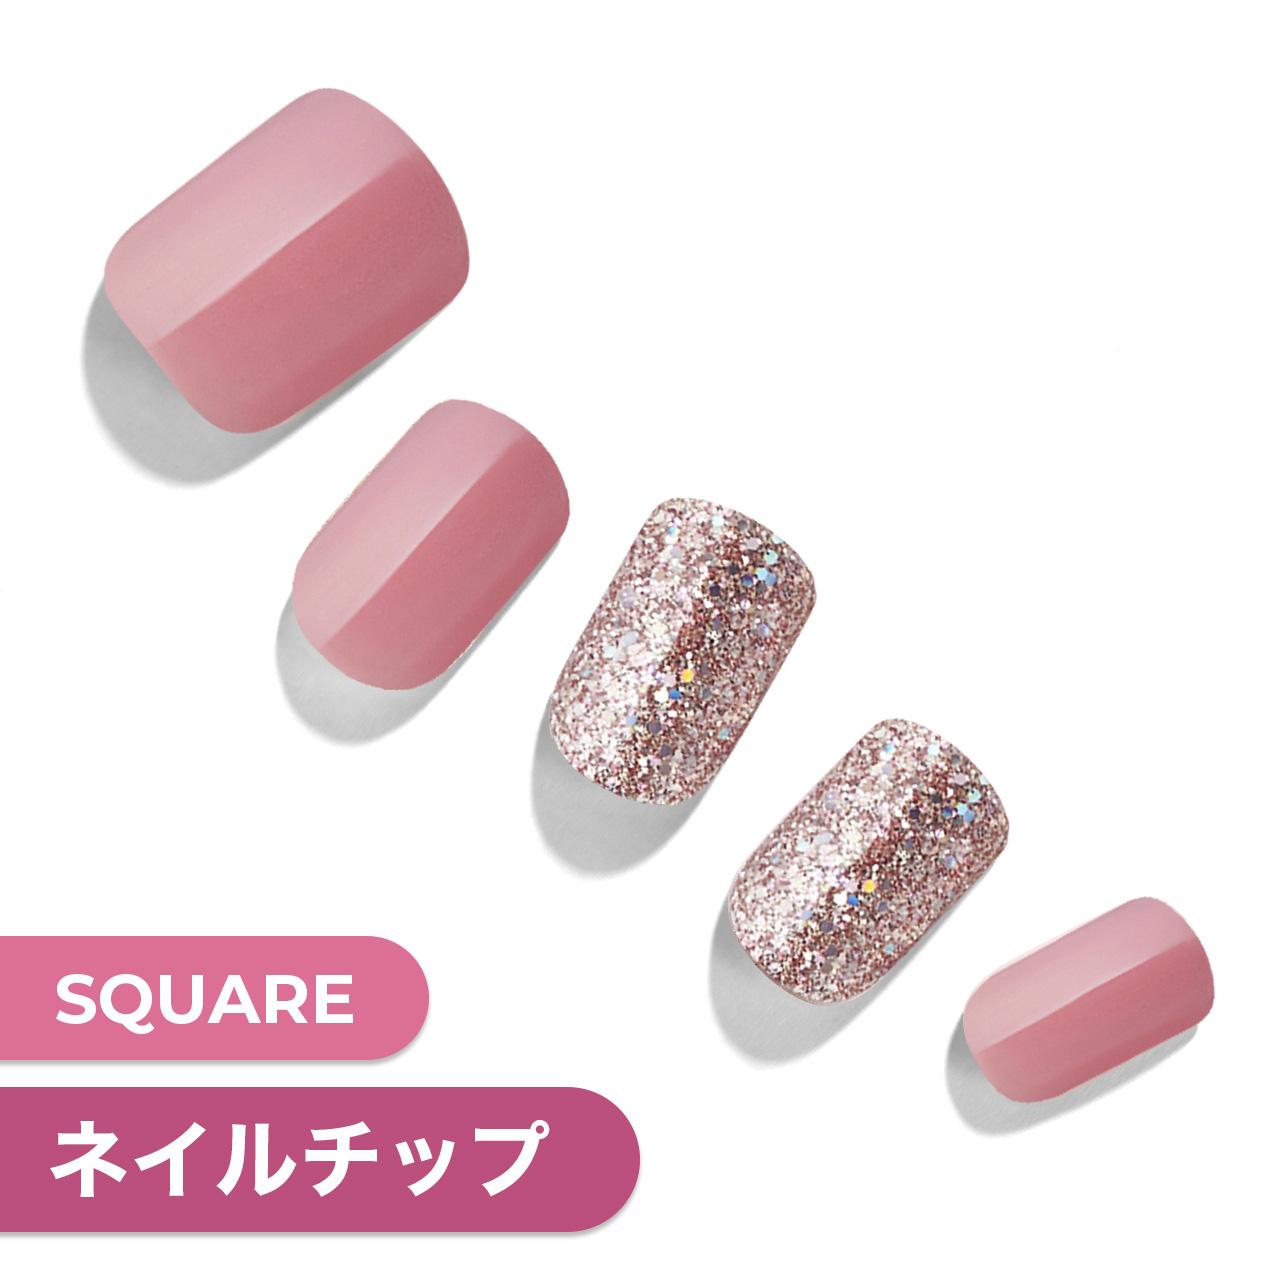 ダッシングディバマジックプレス【MDR070】Carrot Cake